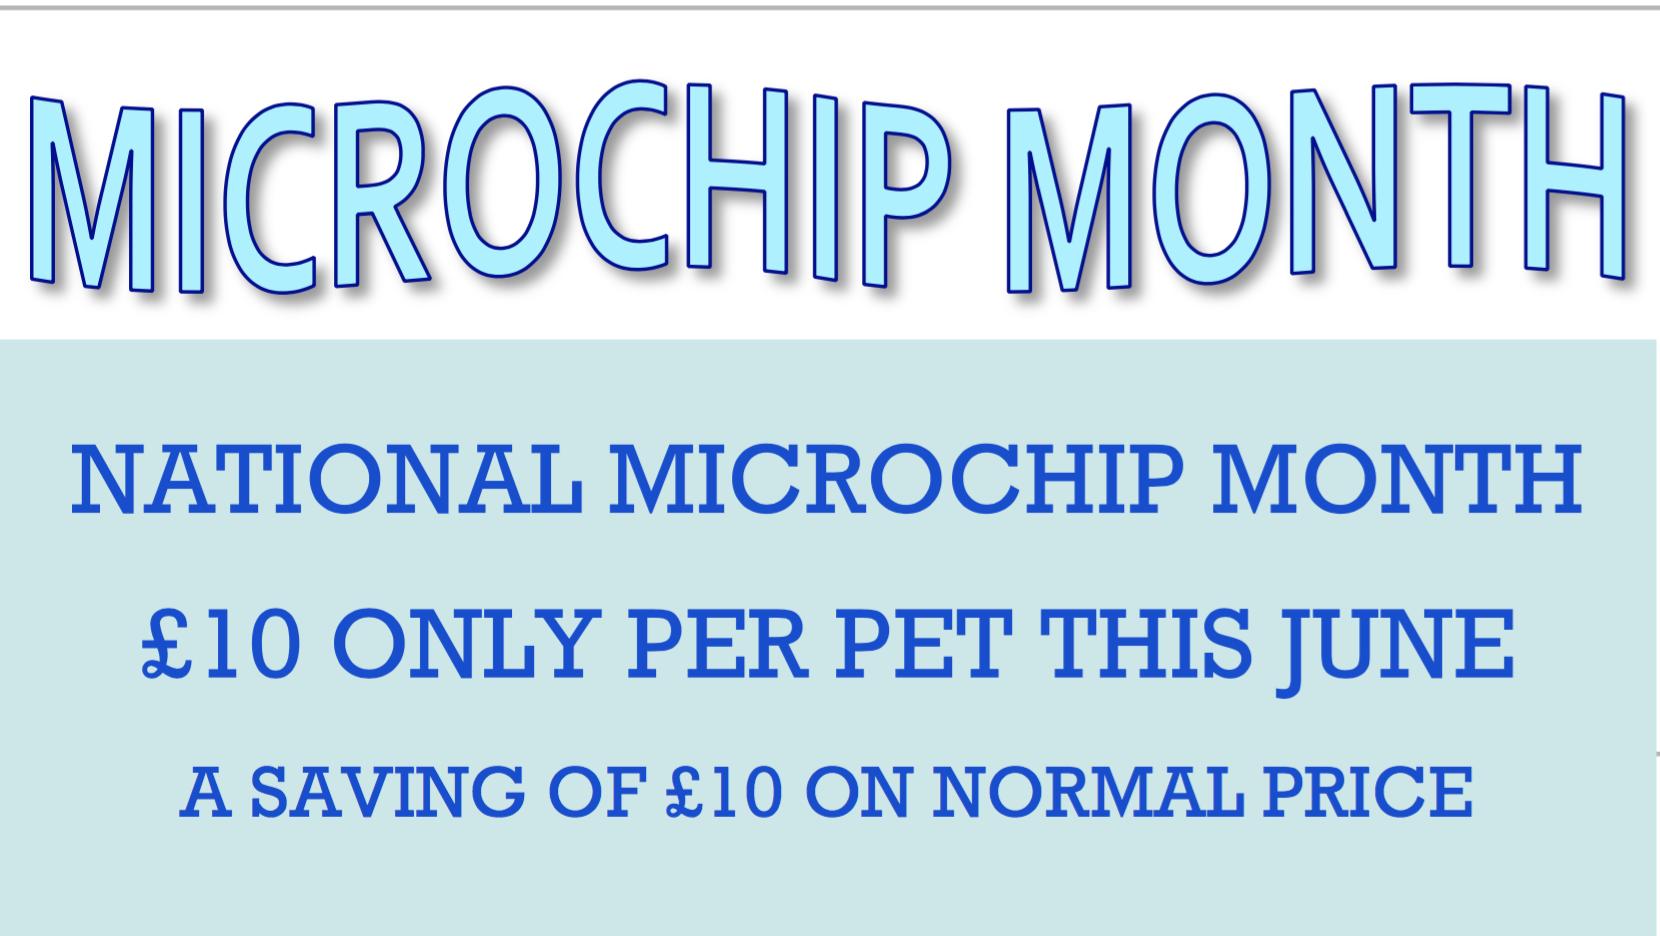 Microchip Offer (1)